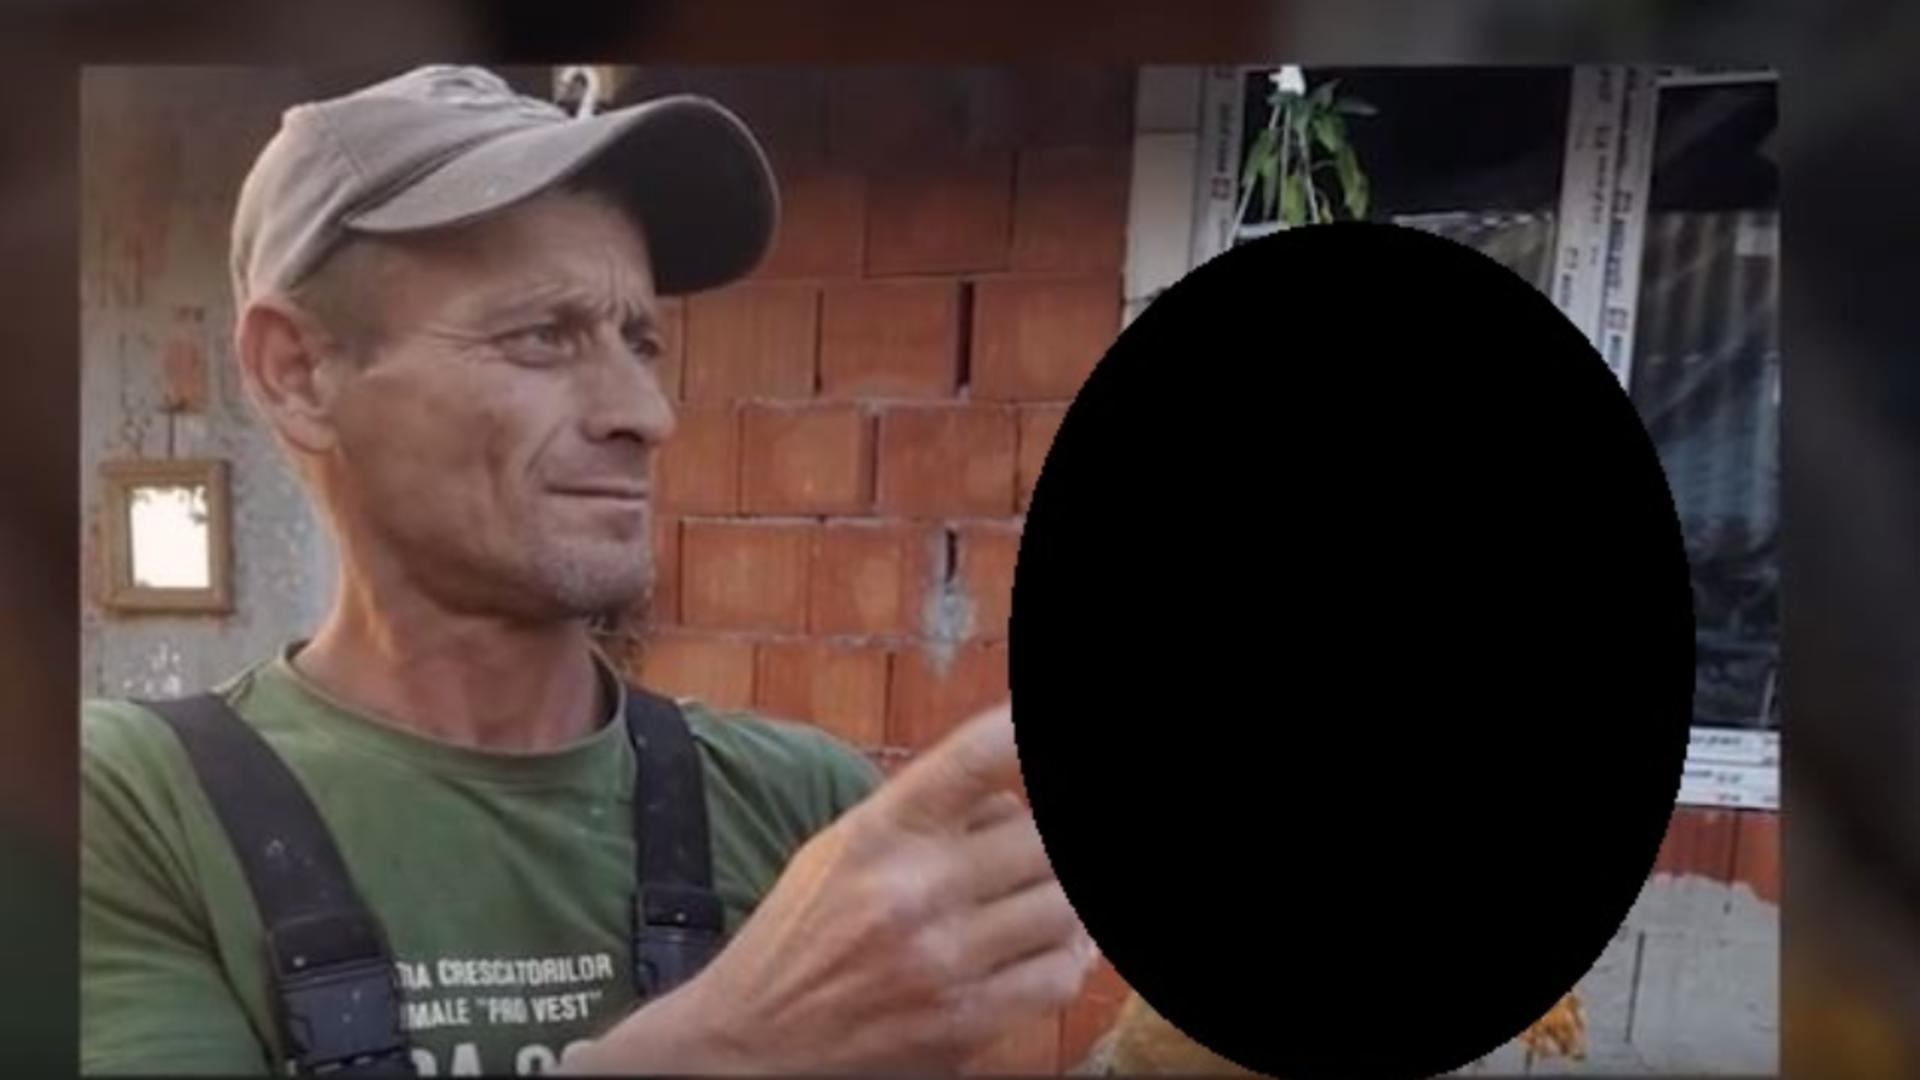 Descoperire uluitoare în curtea unui bărbat din Arad, în valoare de peste 20.000 de euro